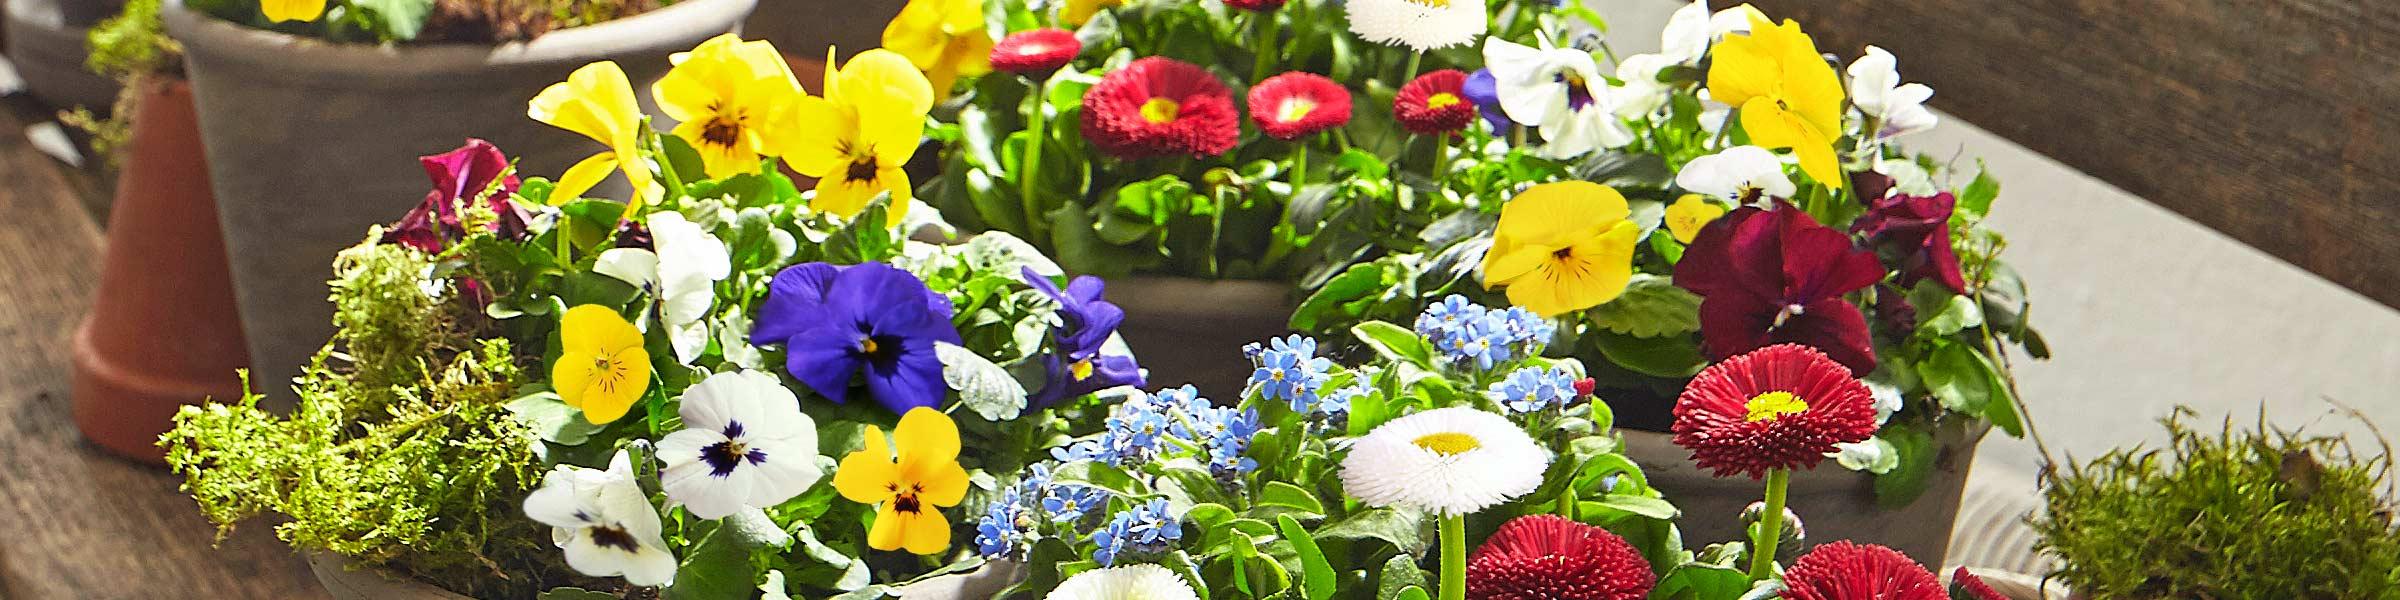 farbenfrohe frühlingsblumen in großer auswahl | dehner